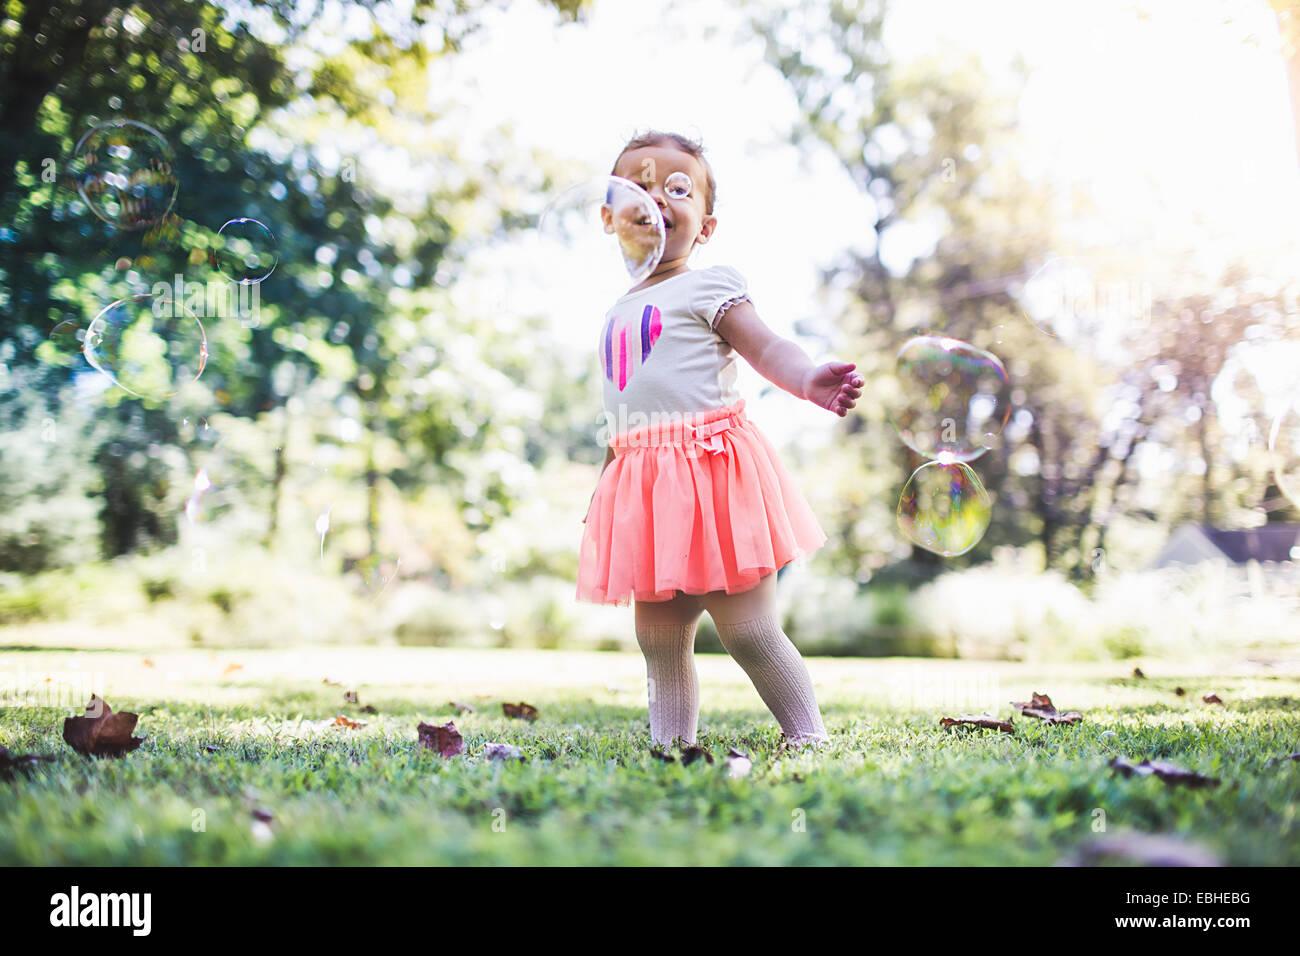 Babymädchen spielen mit Luftblasen im Garten Stockbild